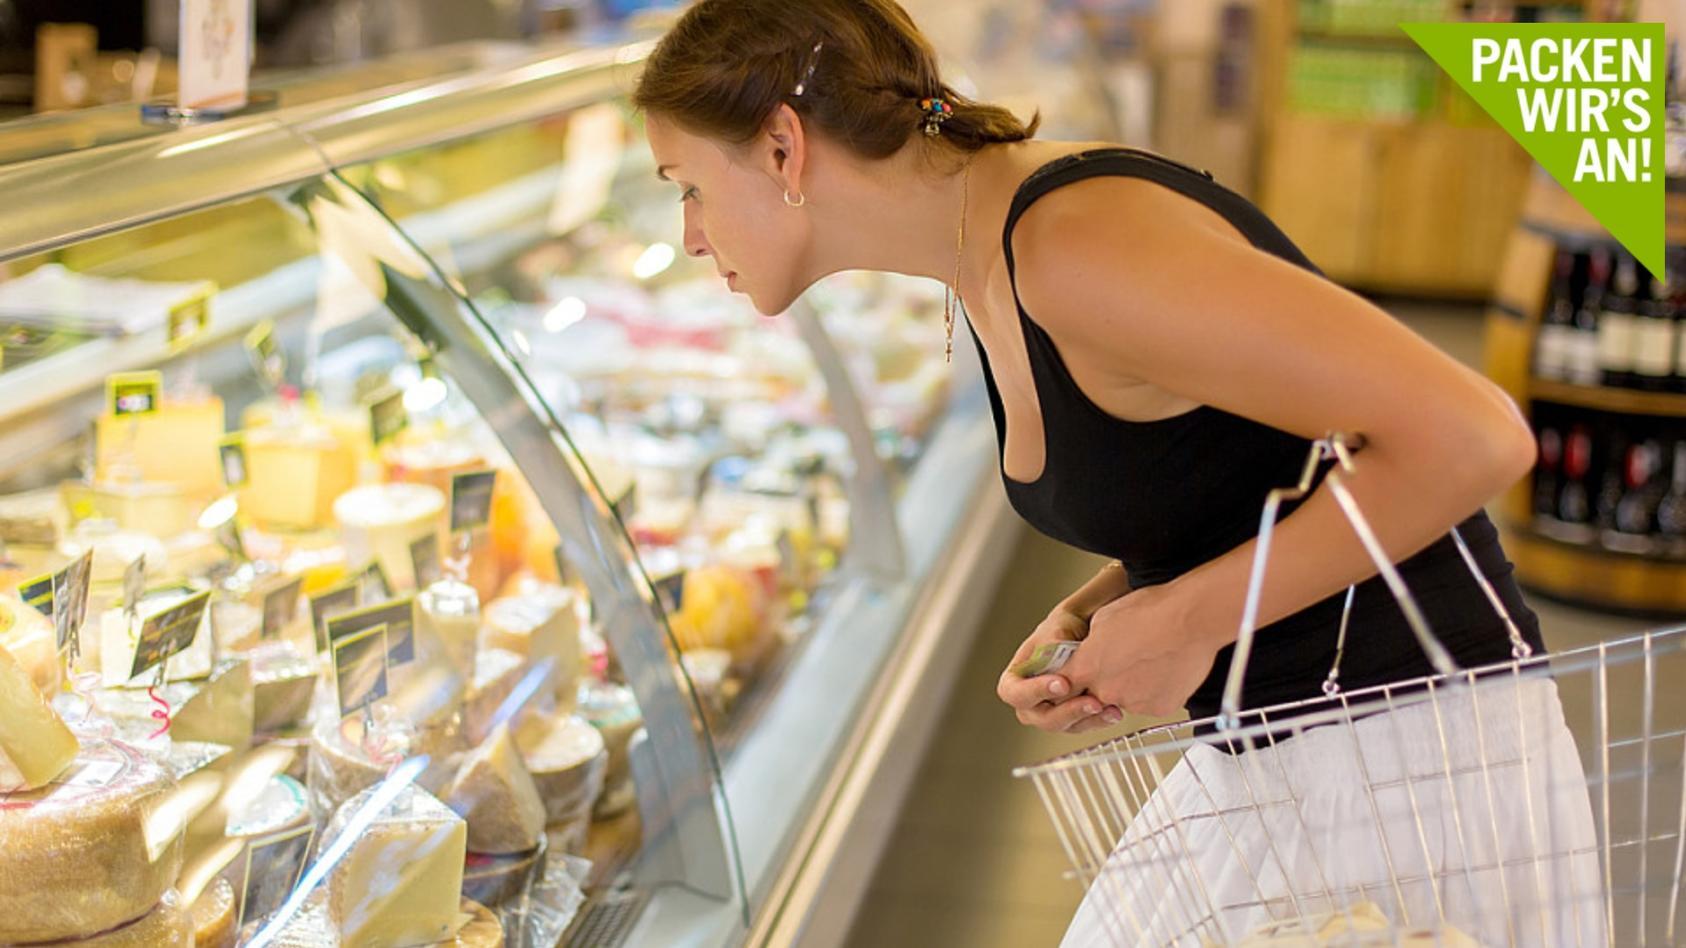 Käse, Fleisch und Kuhmilch etwa müssten einer Studie zufolge deutlich mehr kosten als sie es aktuell tun.